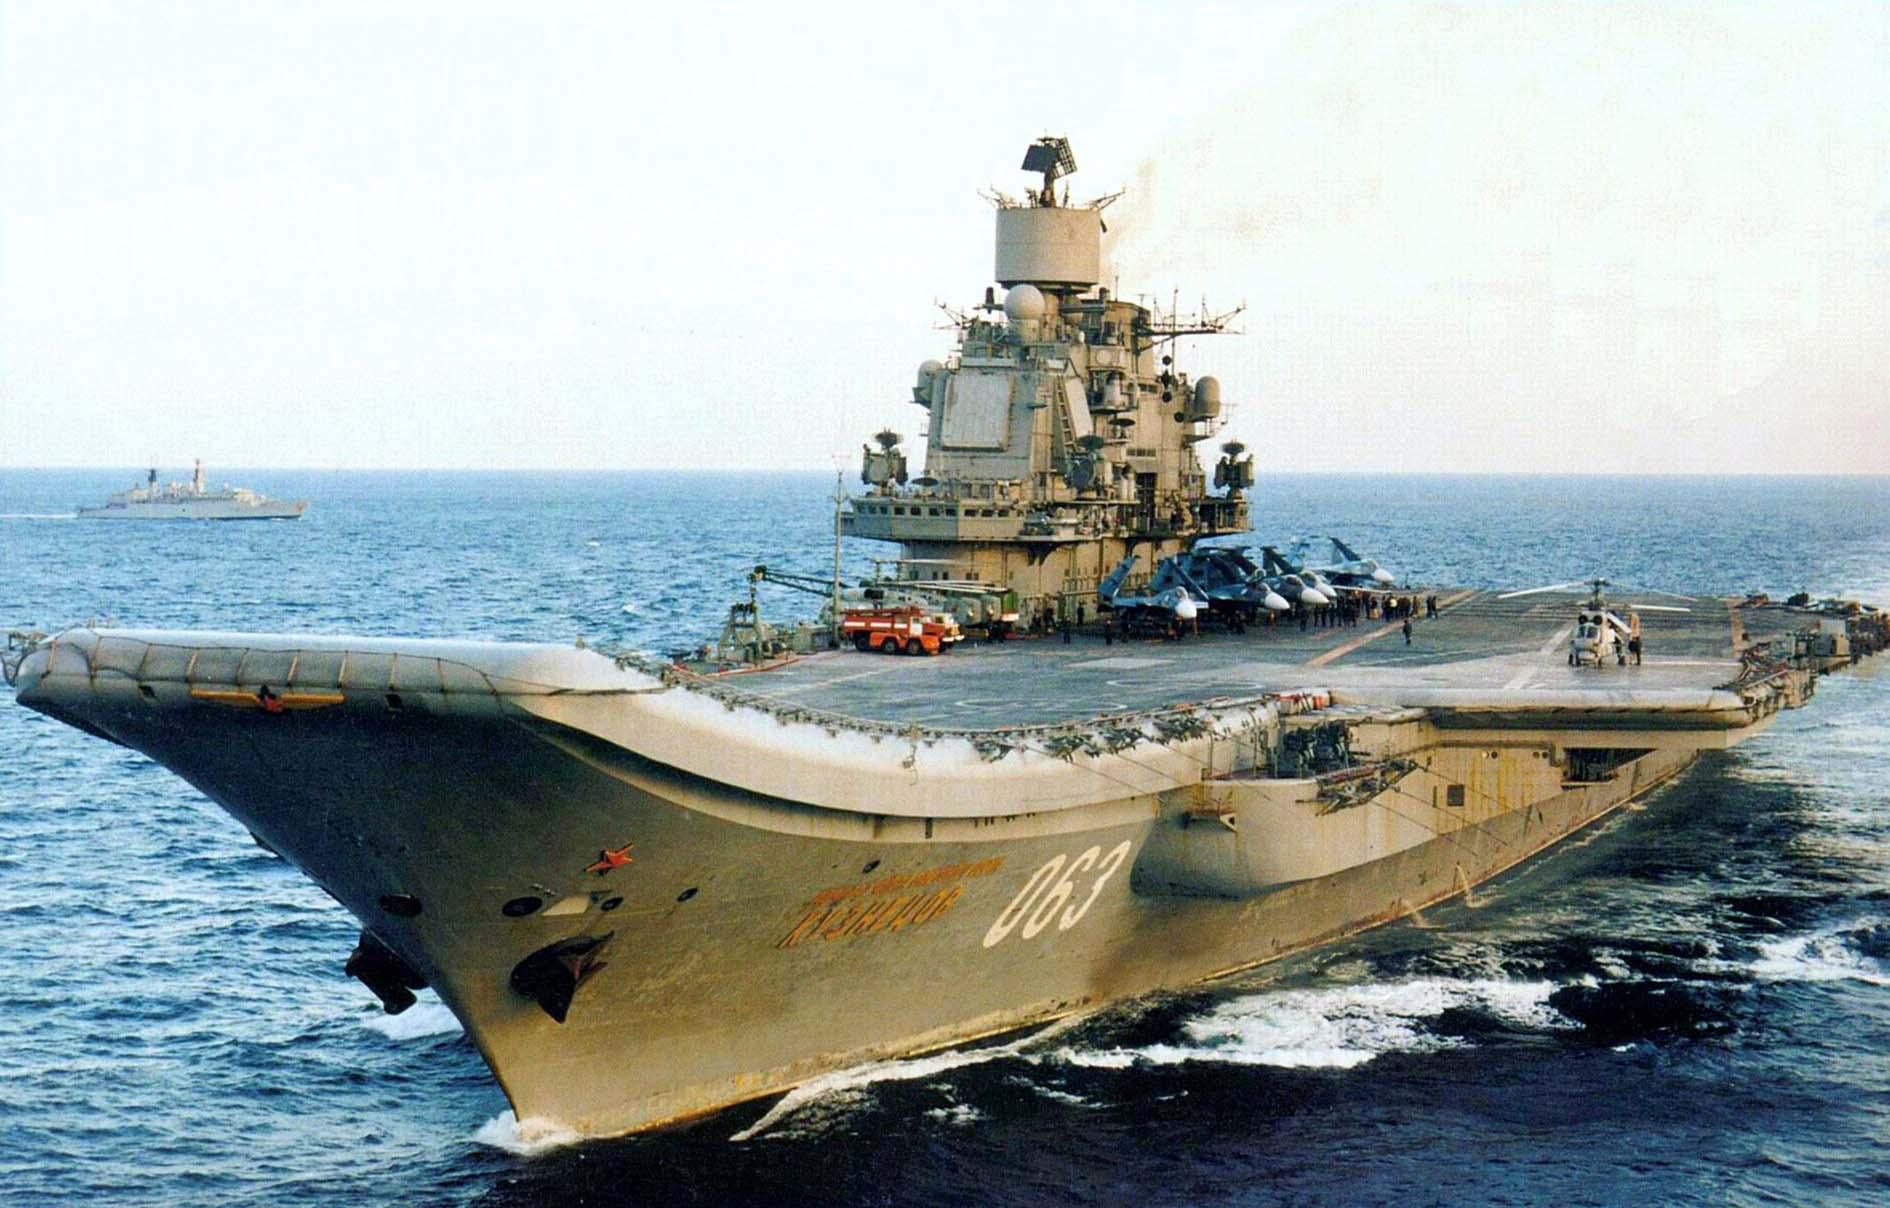 北约认为山东舰并非国产,属于改进版本,俄罗斯专家却并不认同